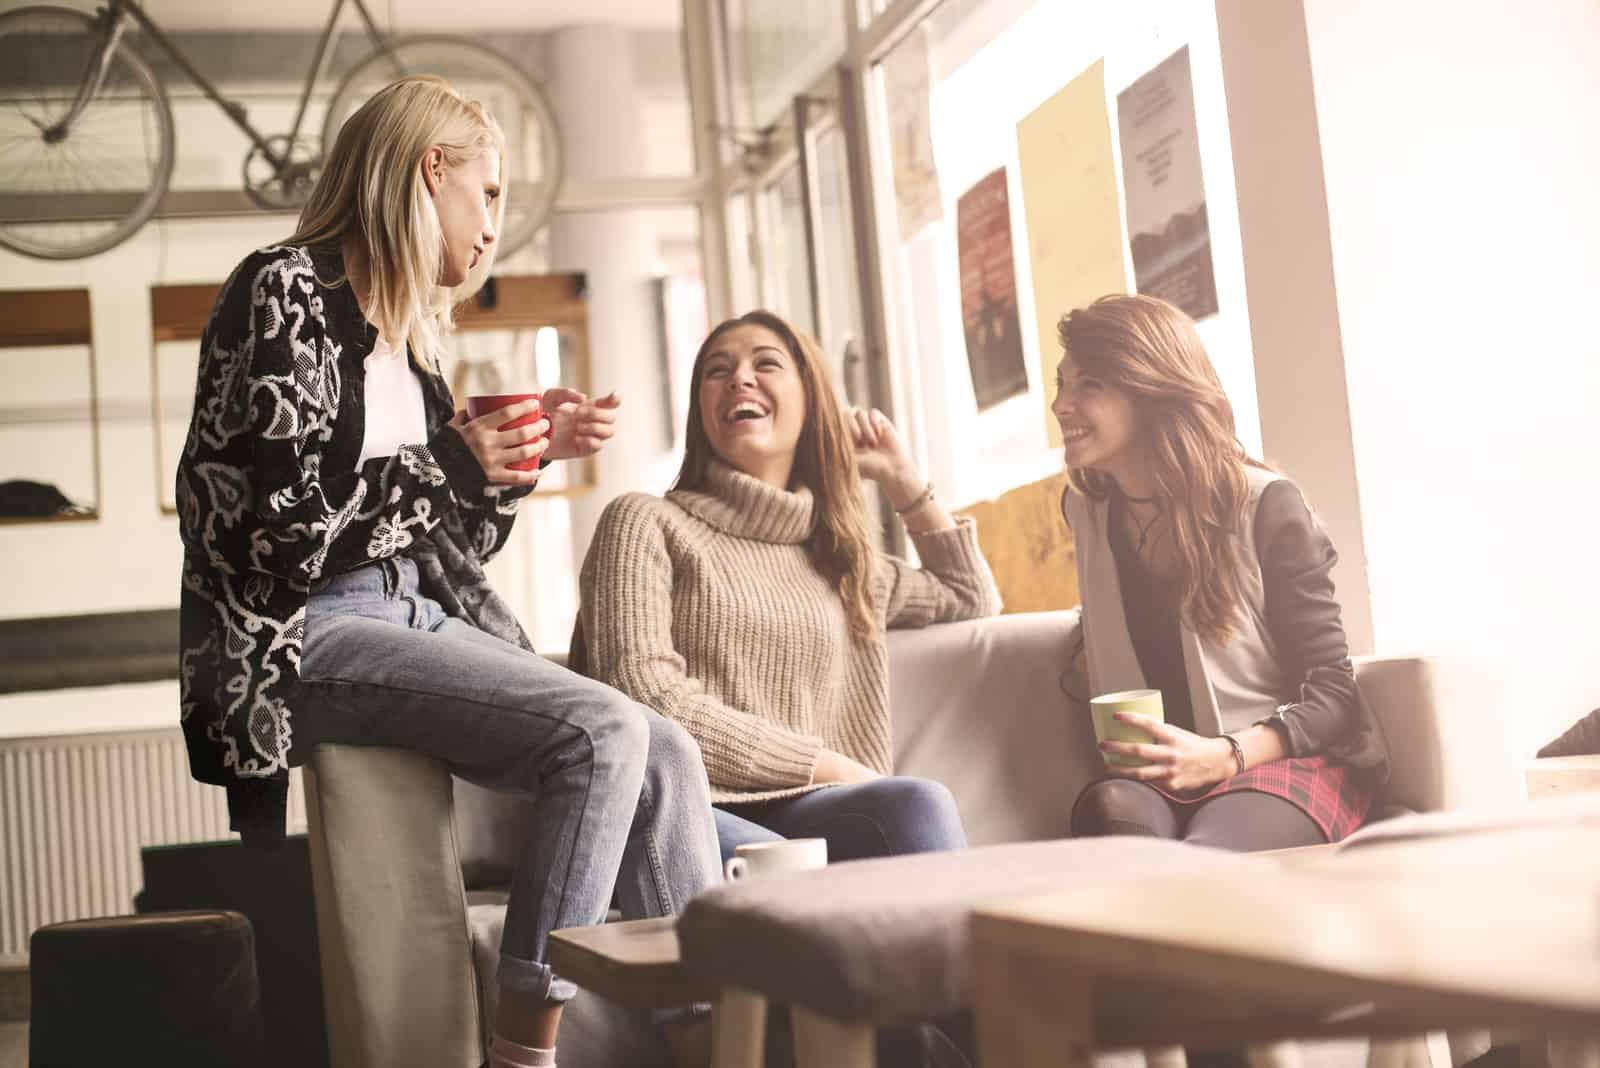 Freunde sitzen am Tisch und lachen und reden